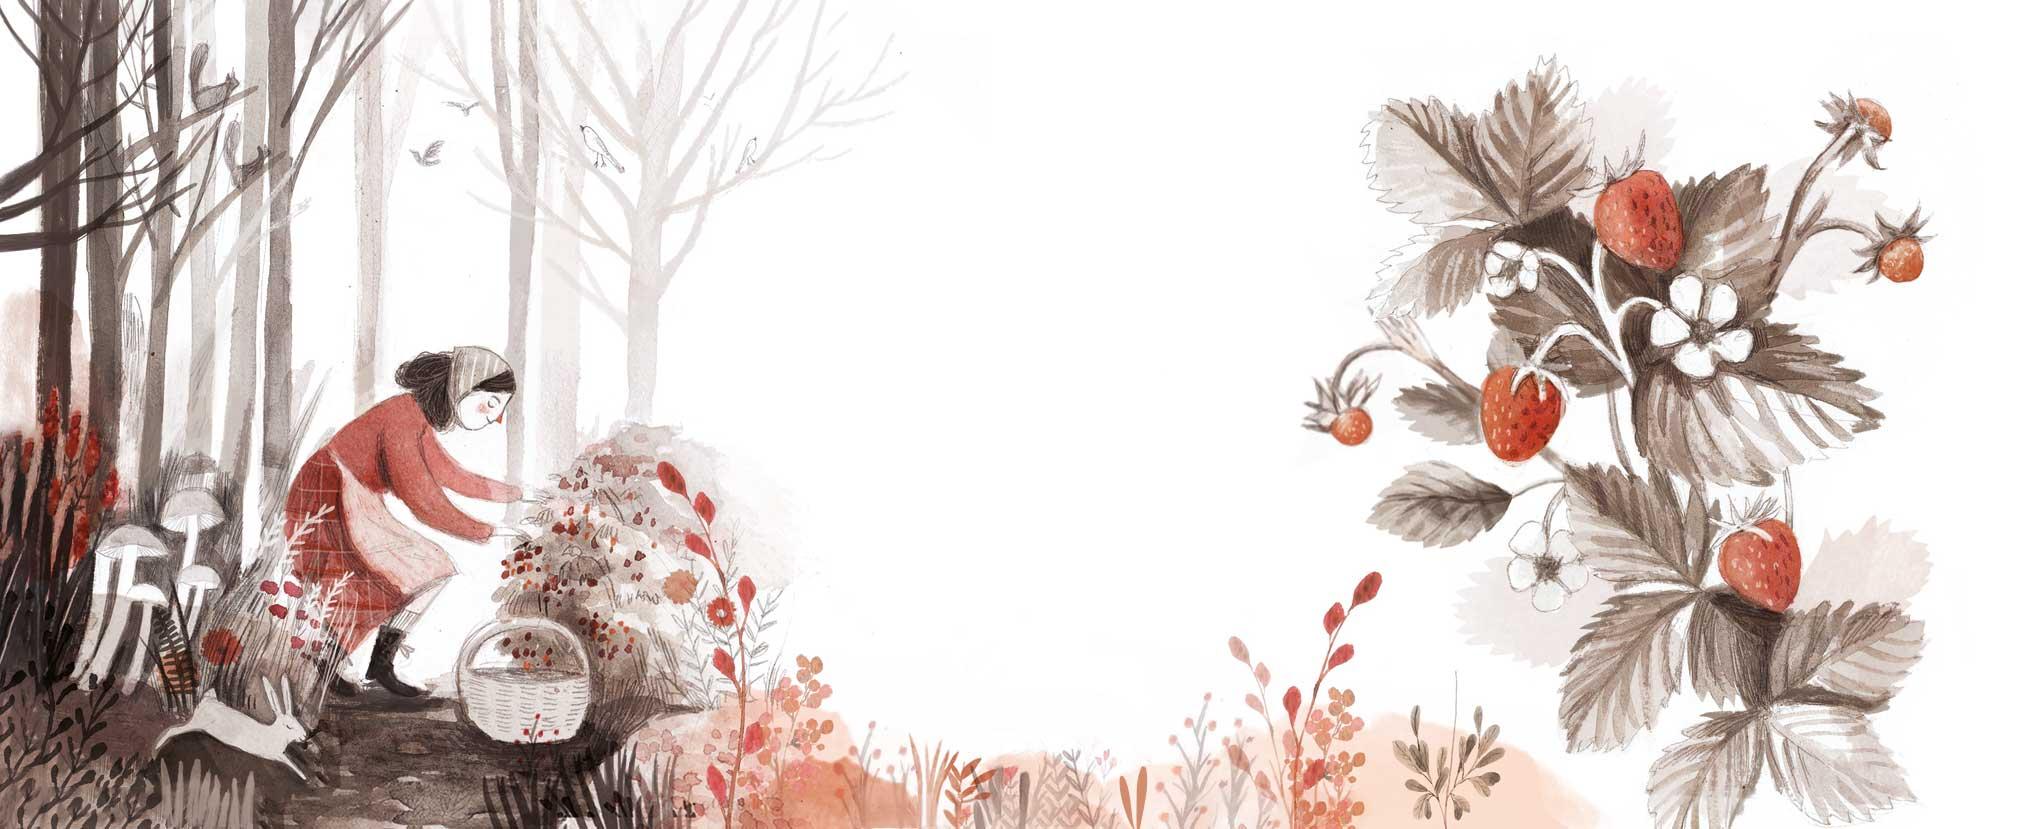 """Illustrazione realizzata da Ilaria Zanellato per le etichette della nuova linea di Grappe Francoli """"Le ricette della Zia Mina"""". Le etichette raffigurano Zia Mina in diverse azioni quotidiane che dedica alla produzione di grappa."""